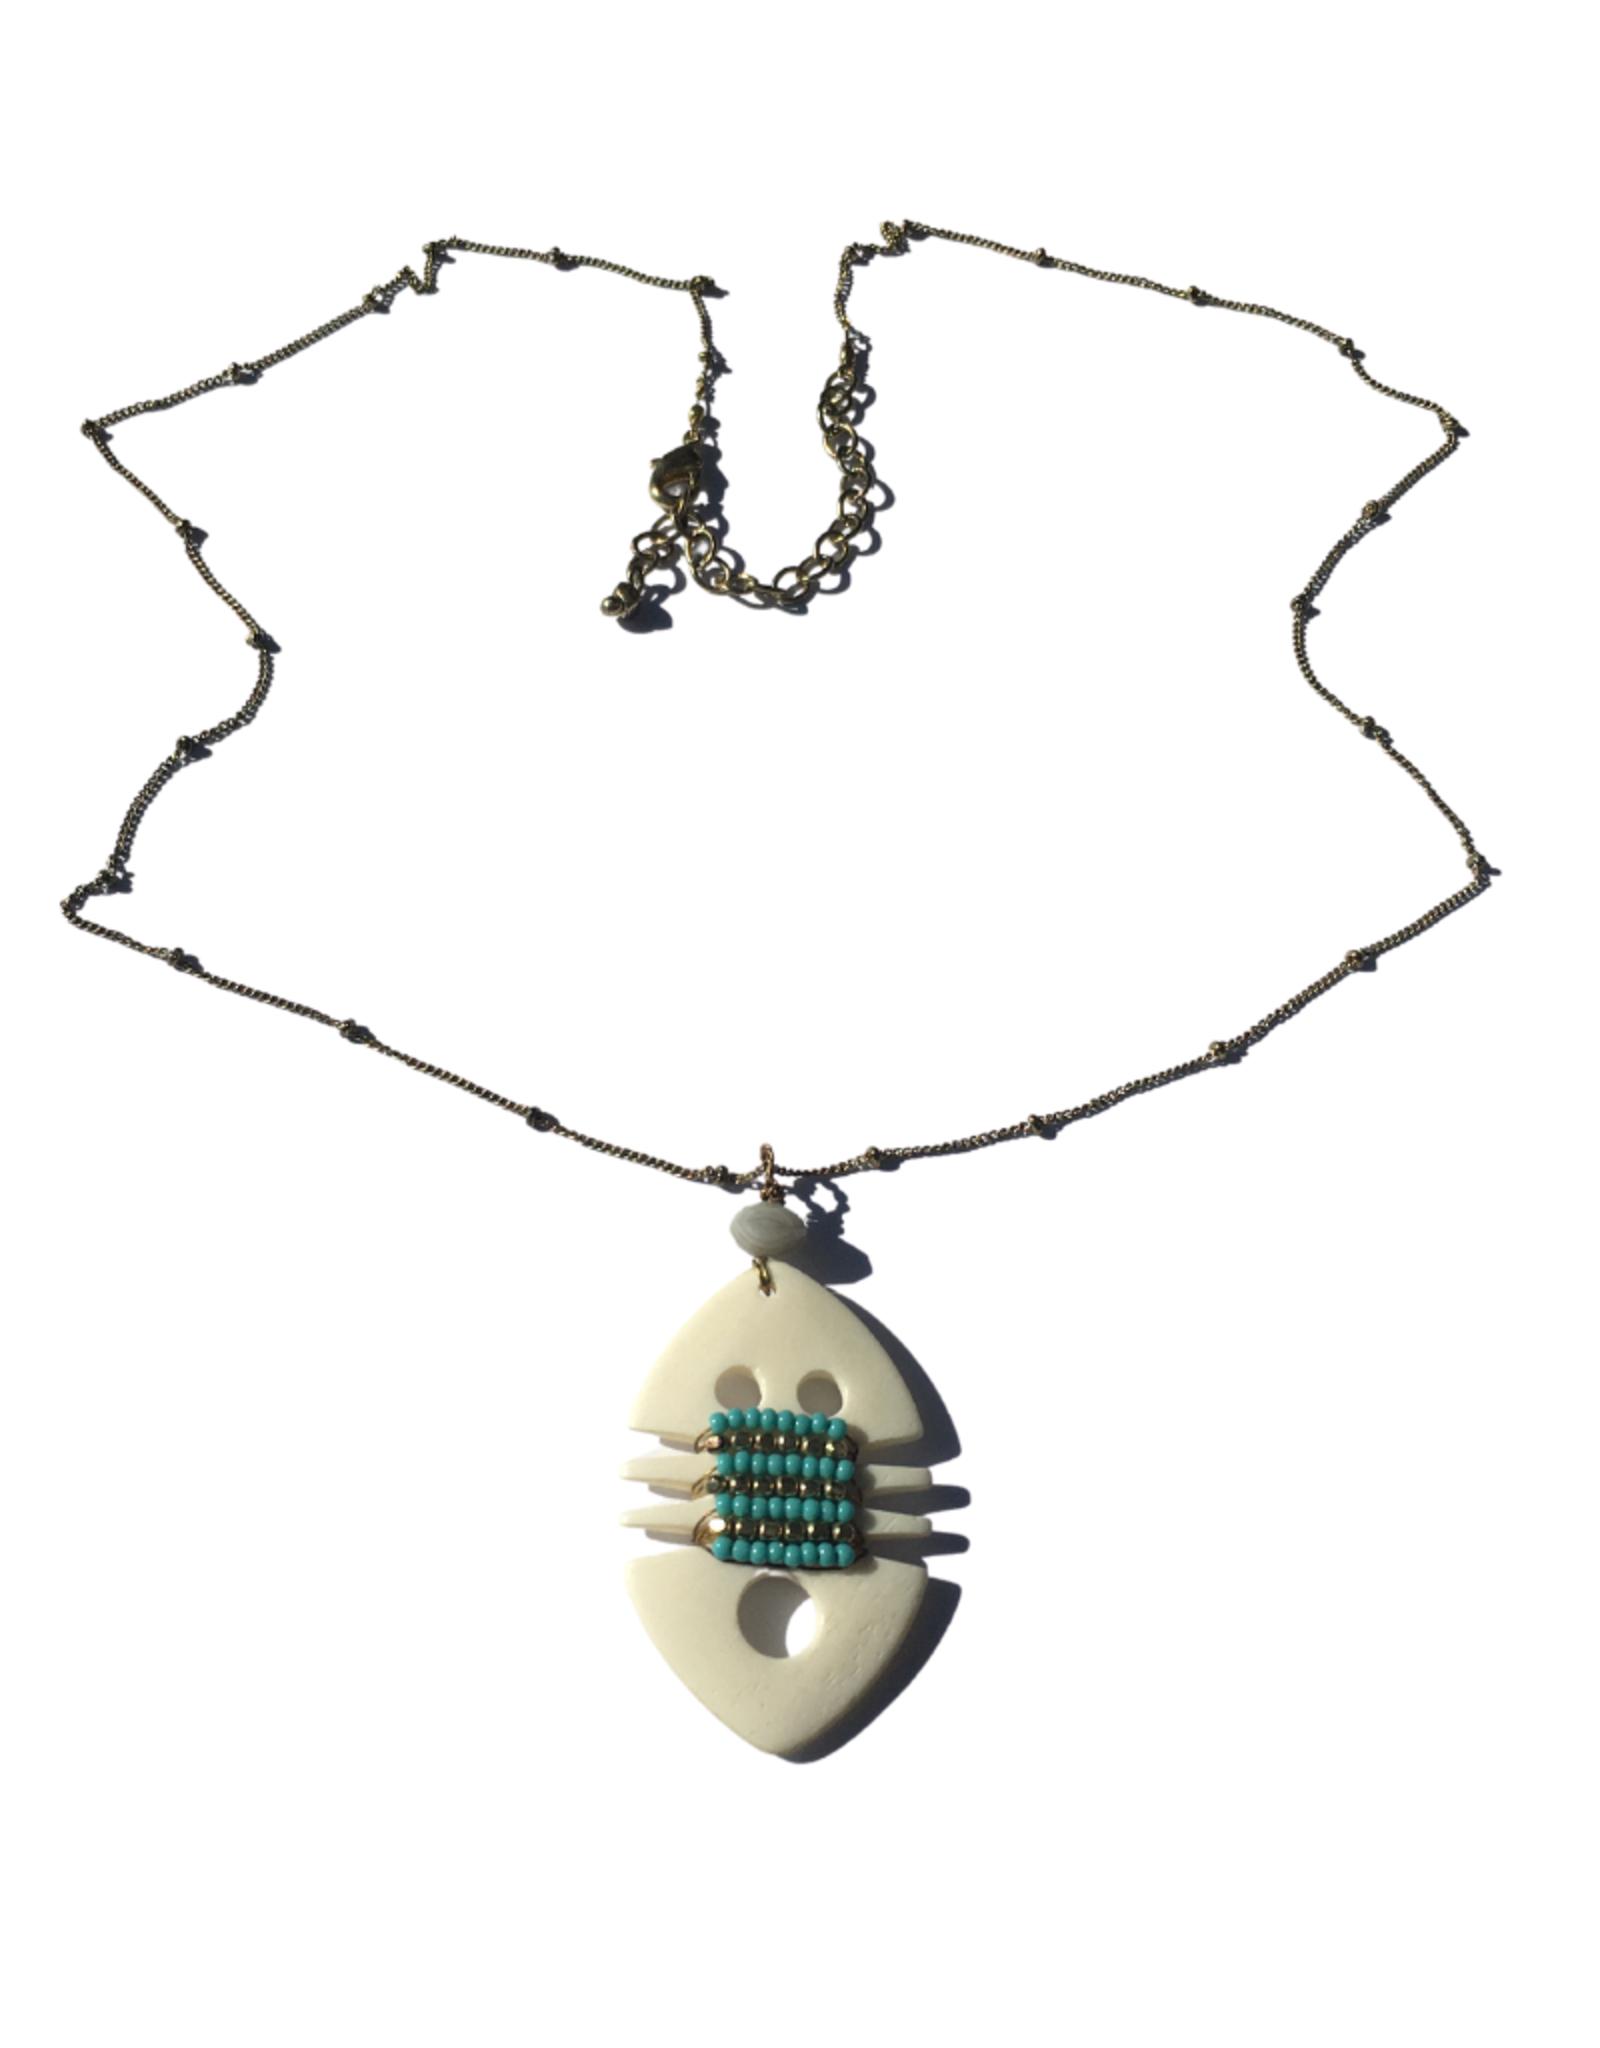 Ten Thousand Villages Patterned Bone Necklace